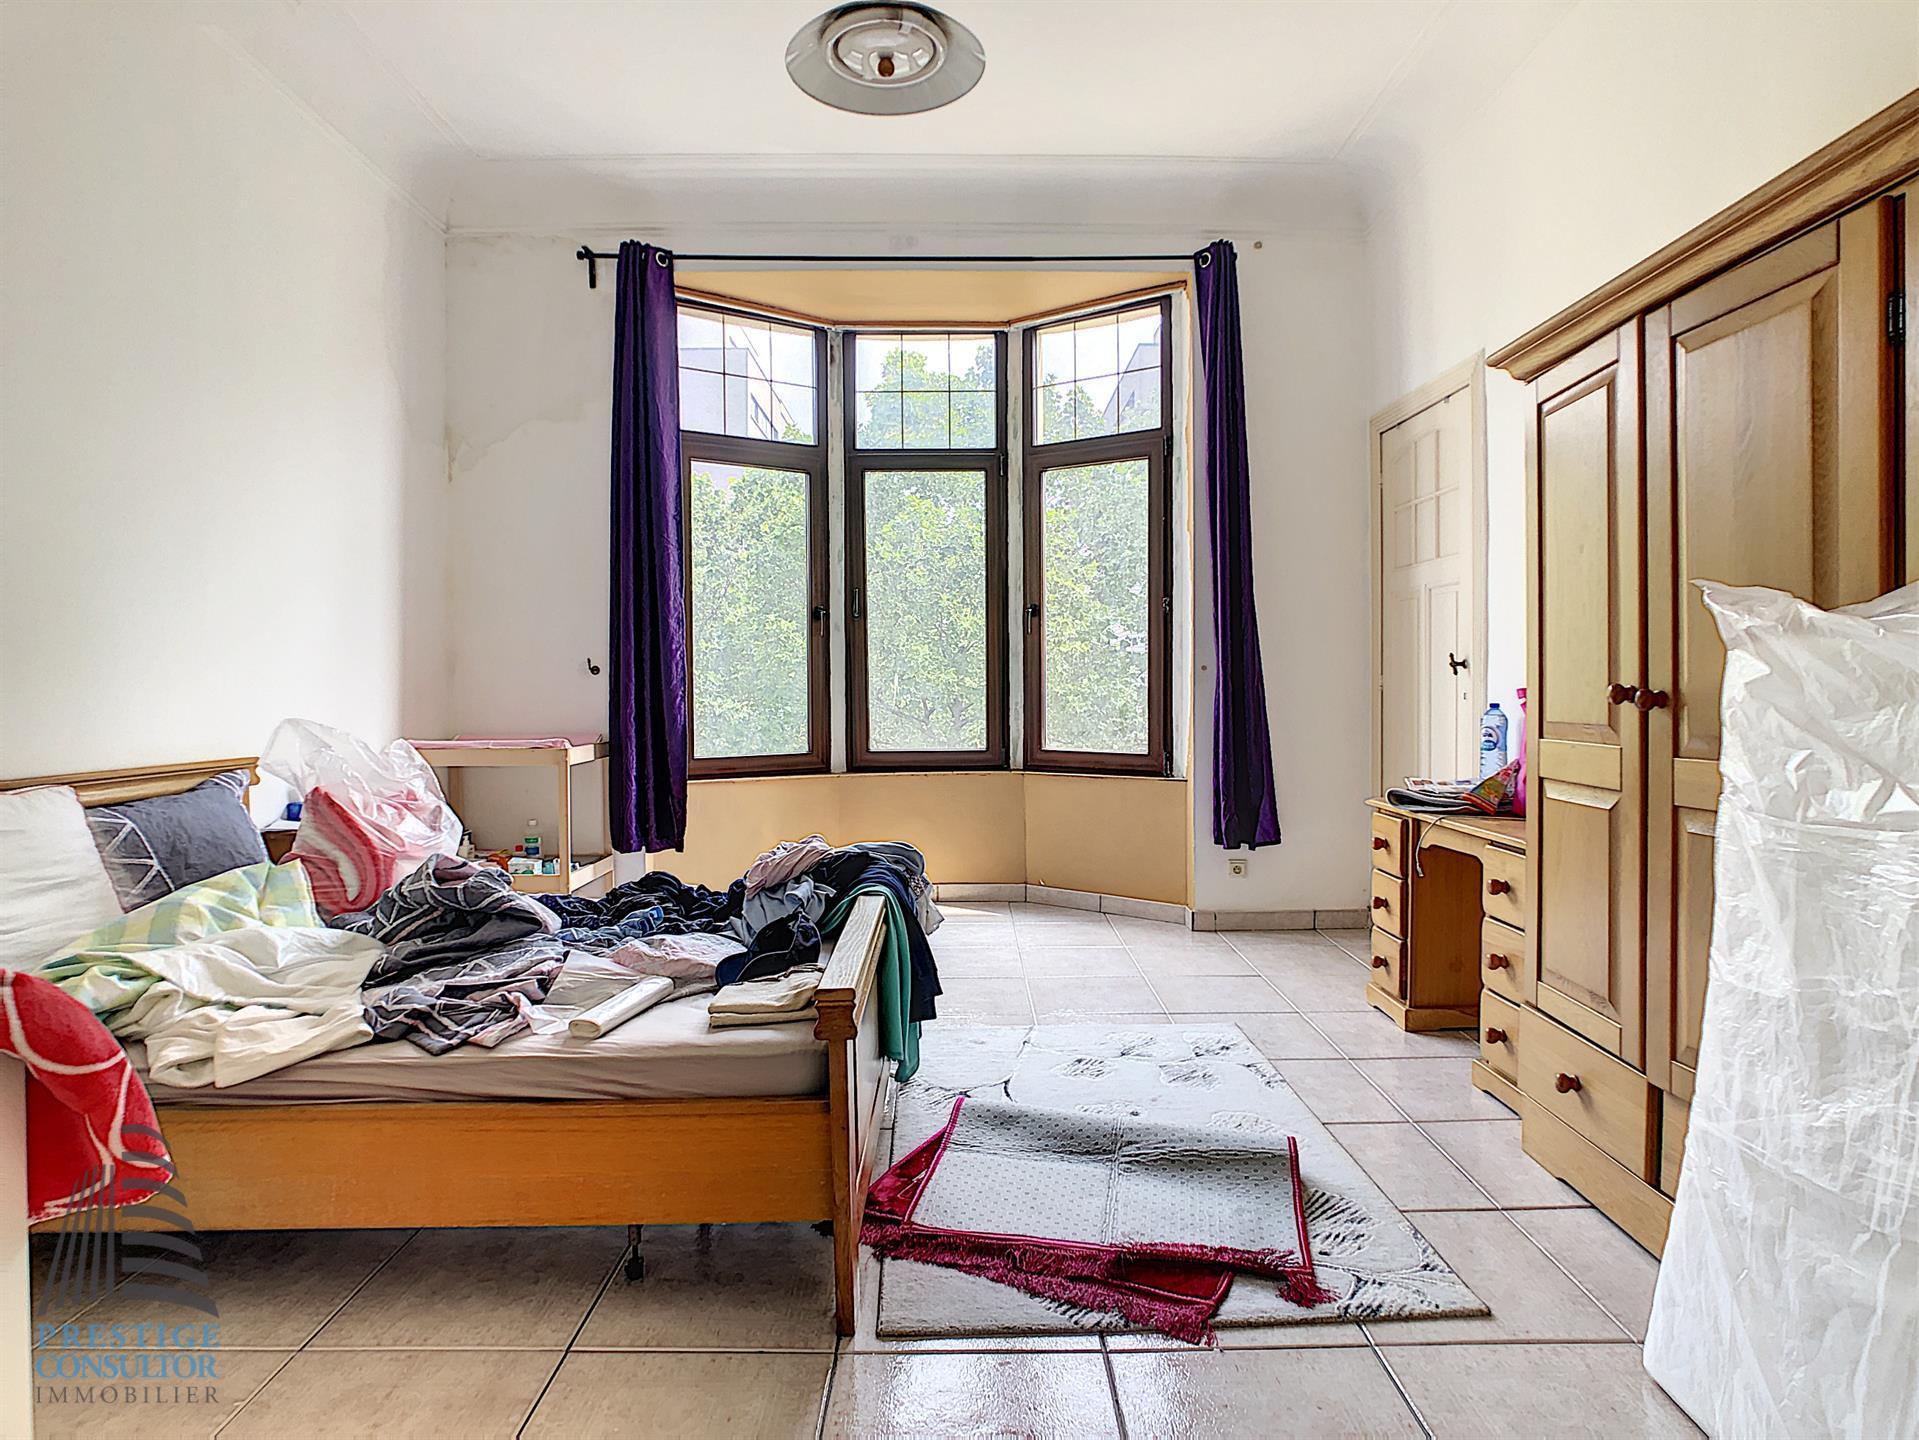 Appartement - Schaarbeek - #4110656-3